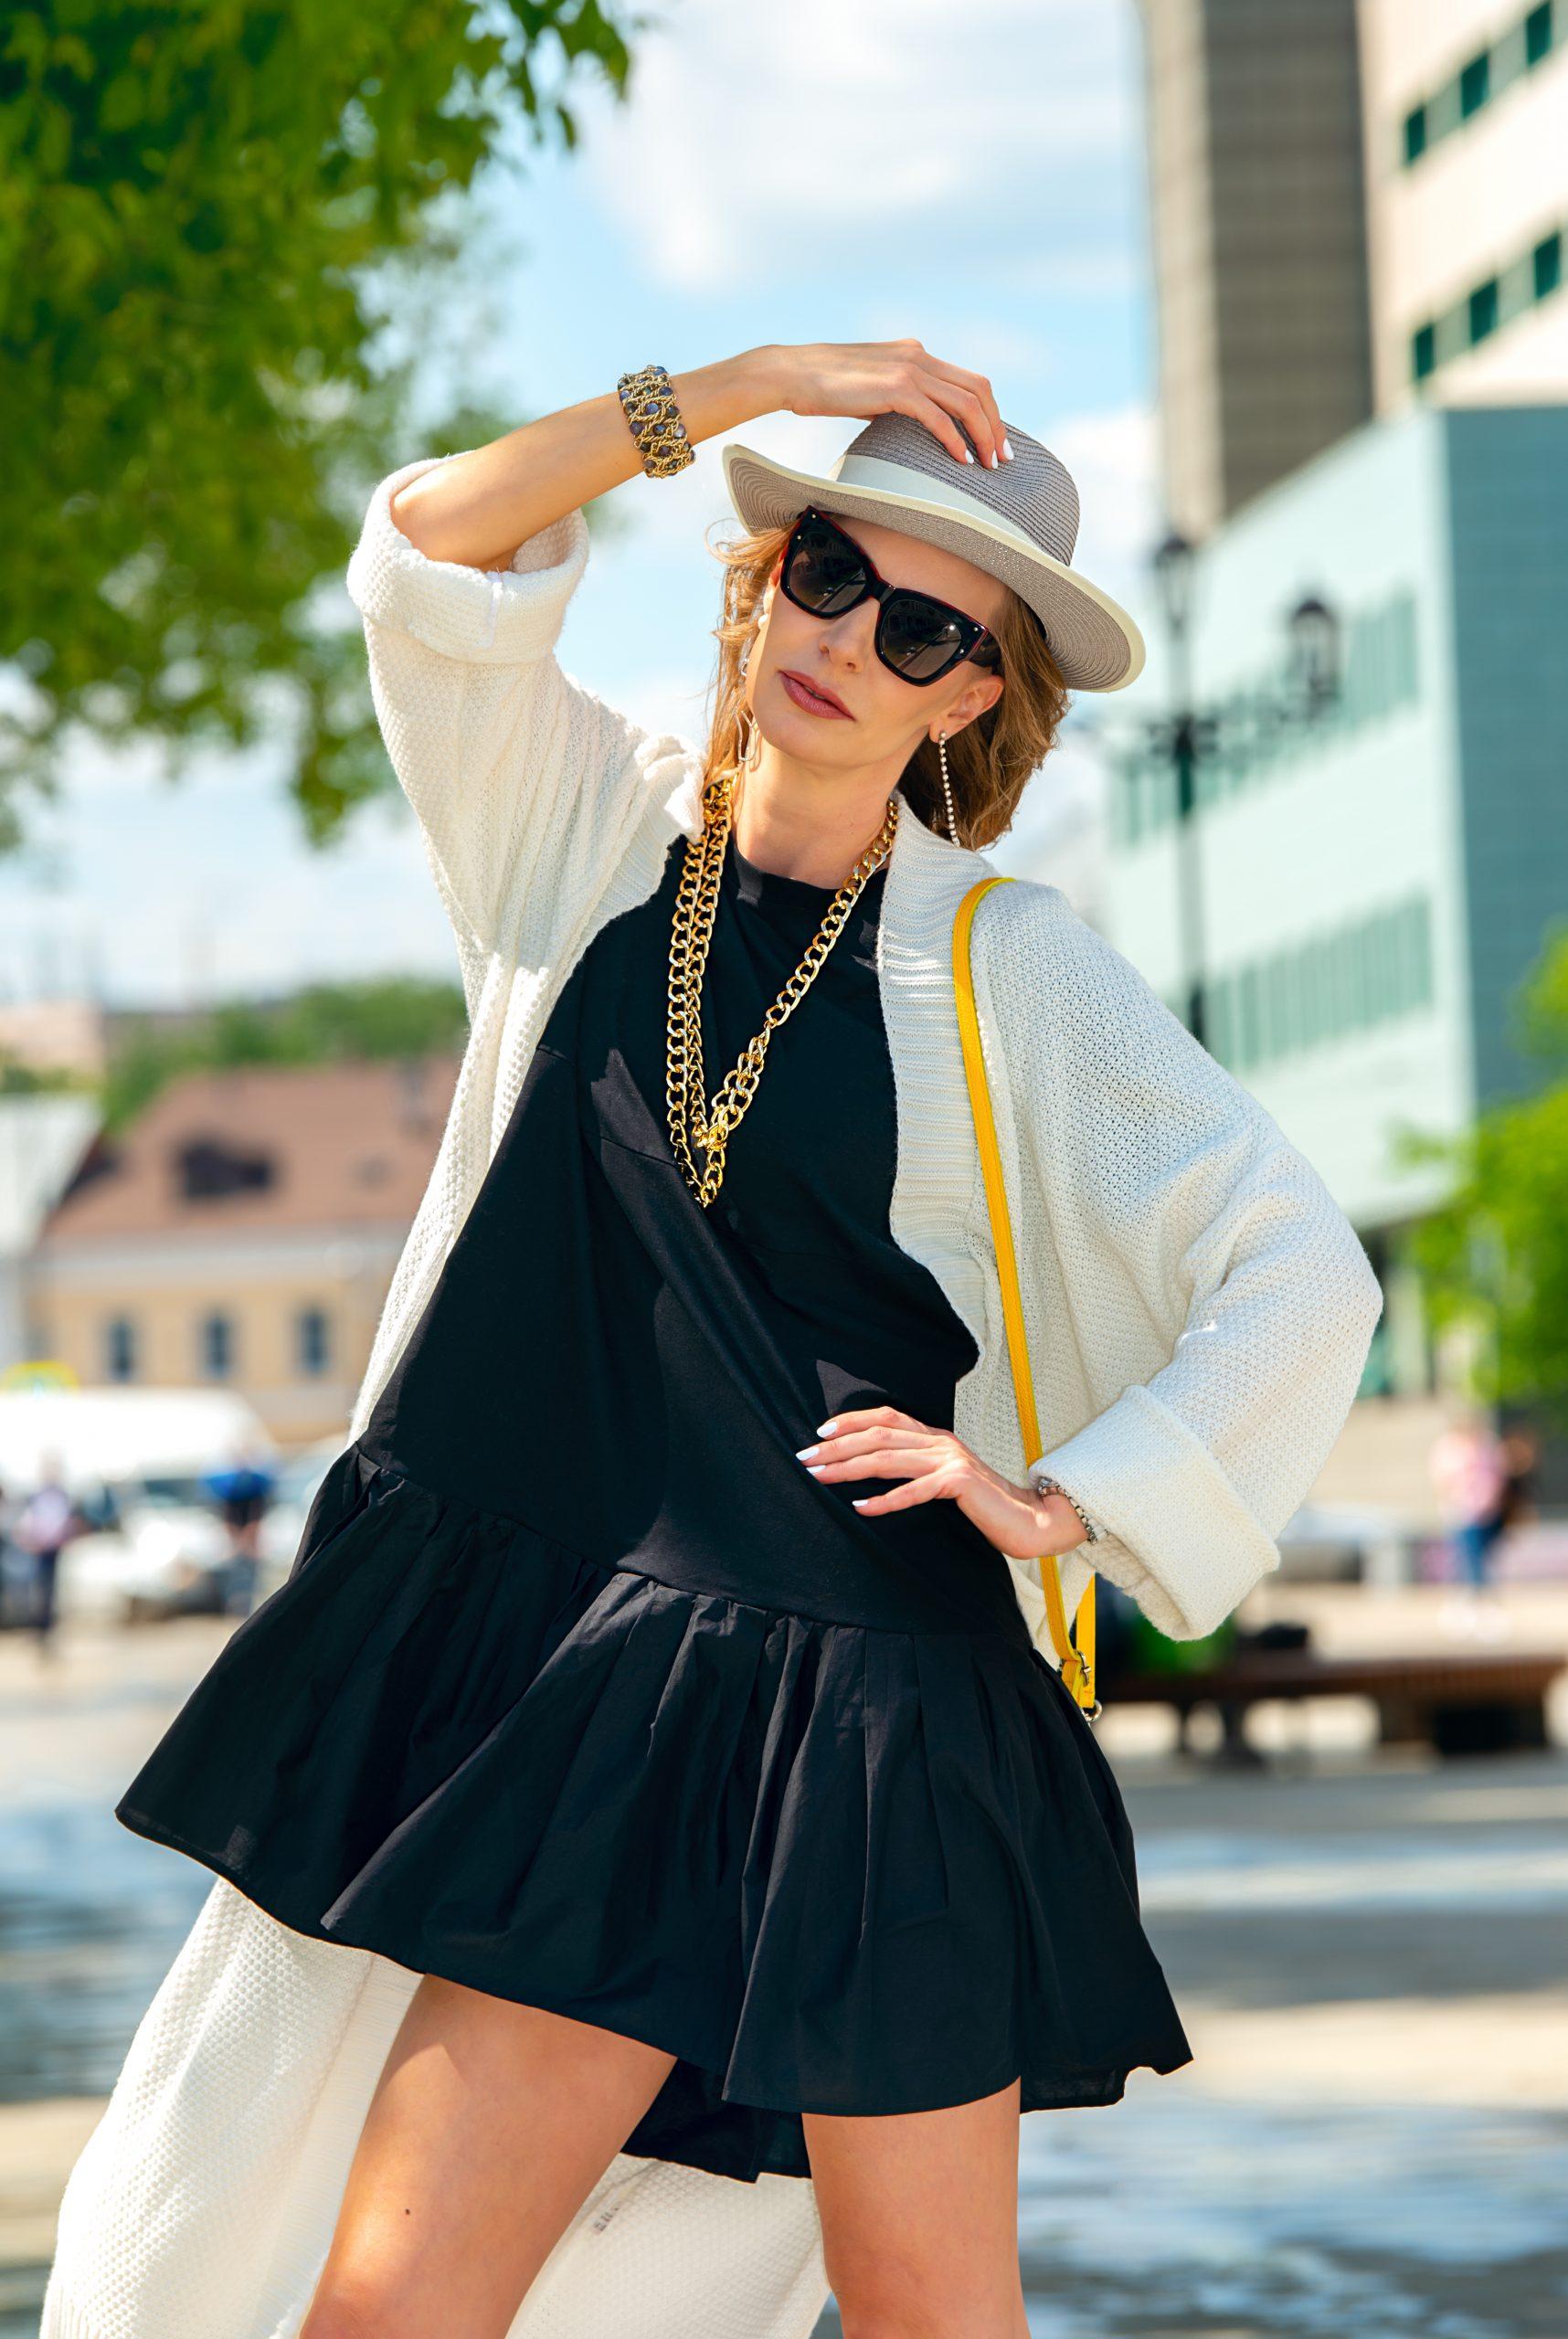 Bik, Horoskop, moda Foto: Shutterstock